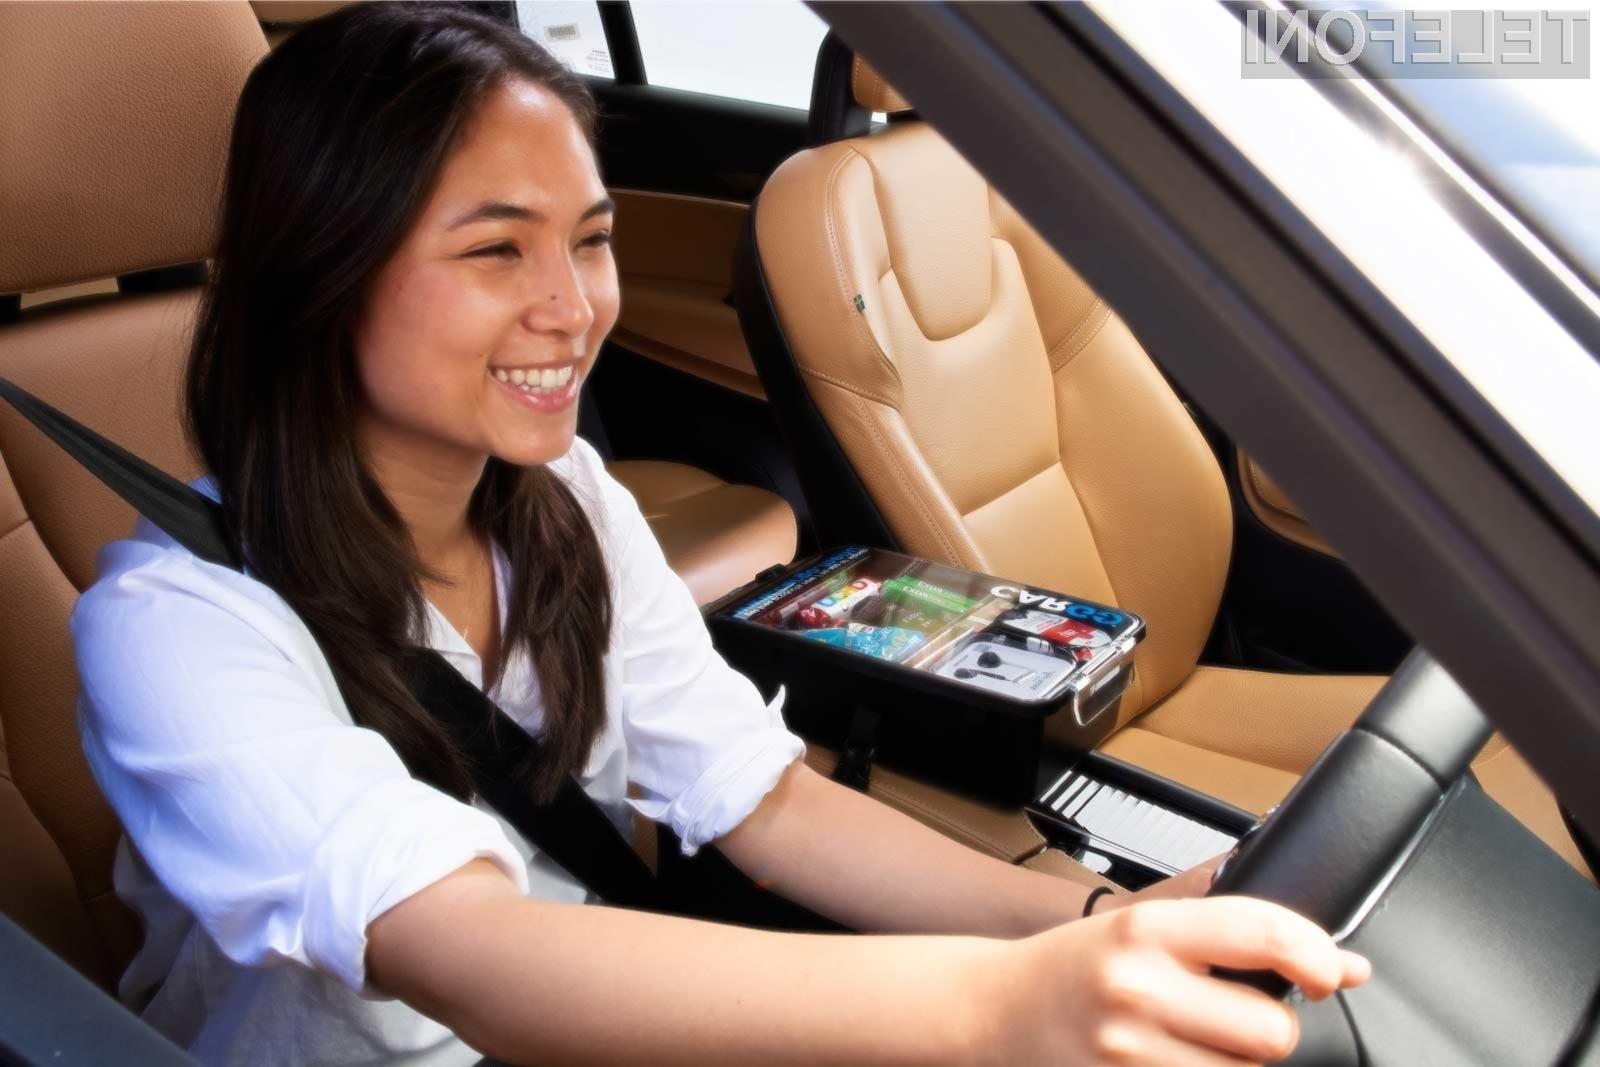 Vozniki Uberja lahko odslej prodajajo tudi izdelke!